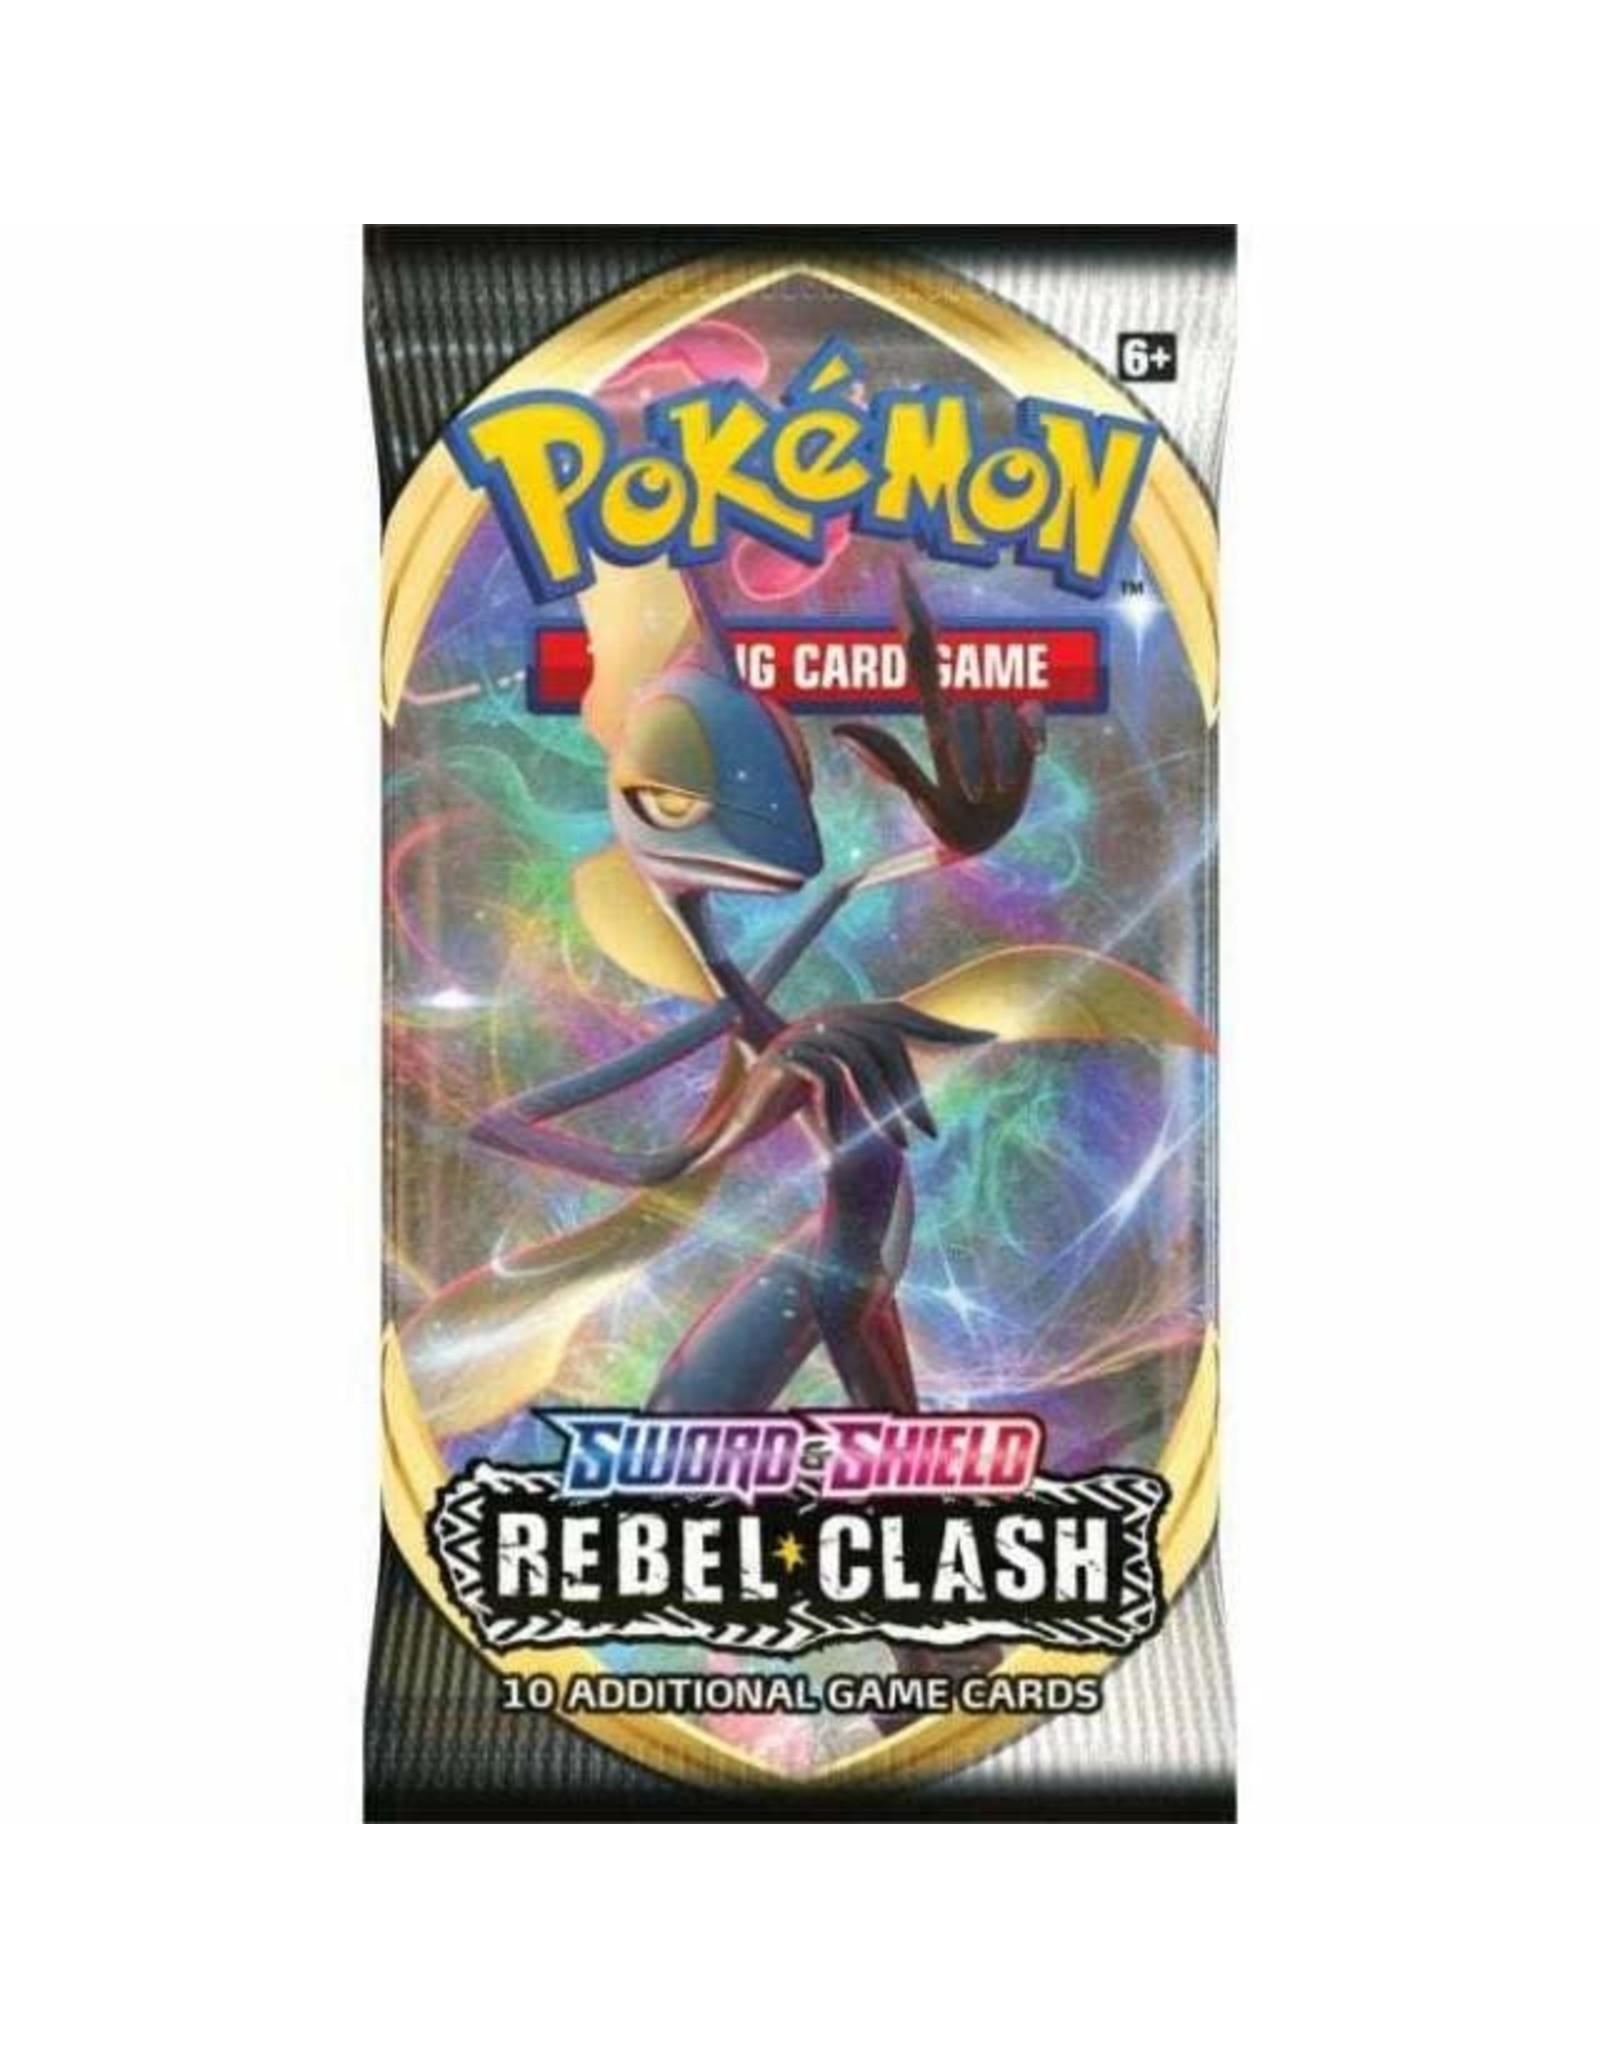 Pokémon Pokemon Rebel Clash Booster Box Pack